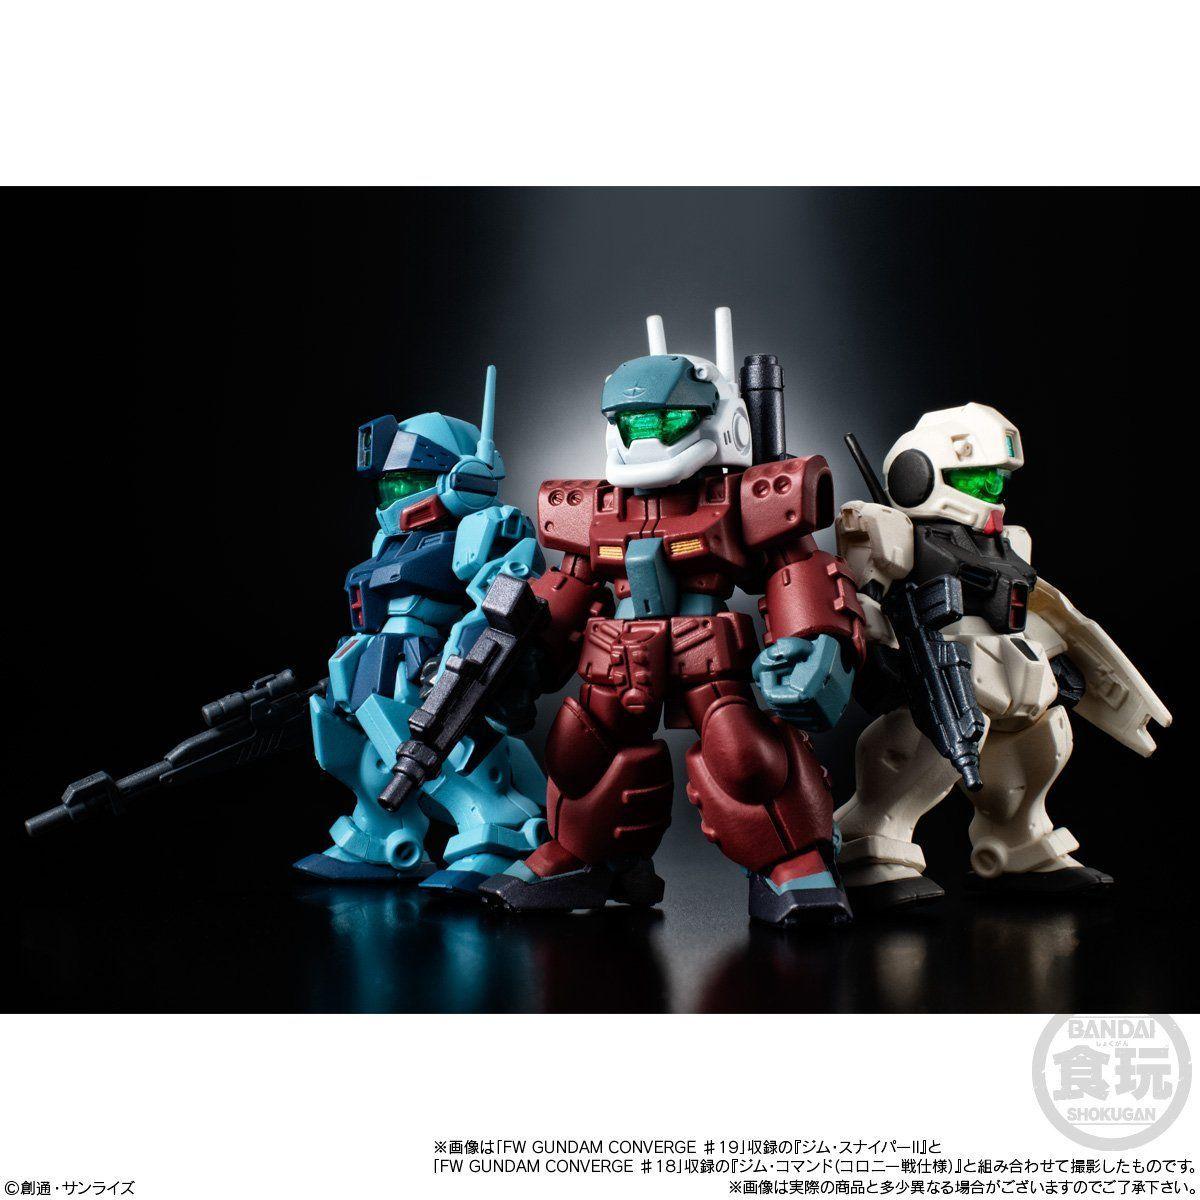 【食玩】機動戦士ガンダム『FW GUNDAM CONVERGE ♯20』10個入りBOX-009